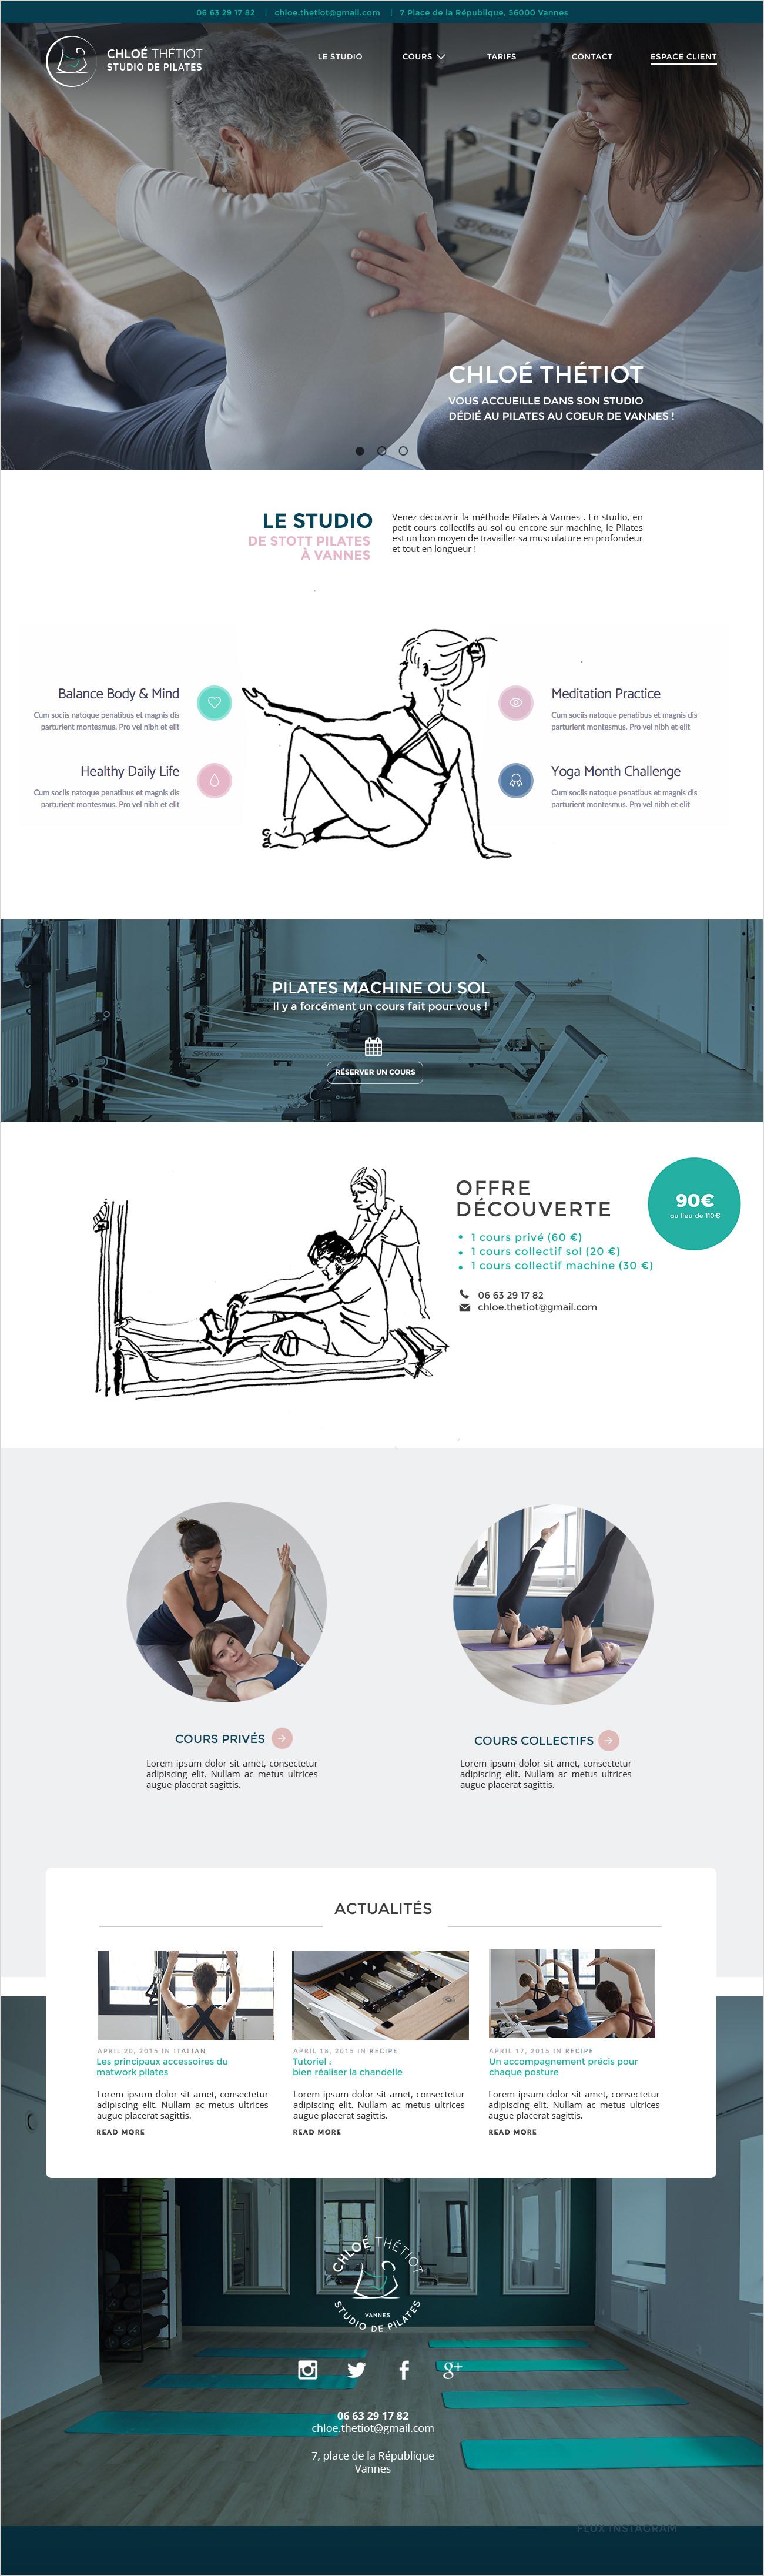 maquette-chloe-thetiot-webdesign-vaguegraphique-vannes